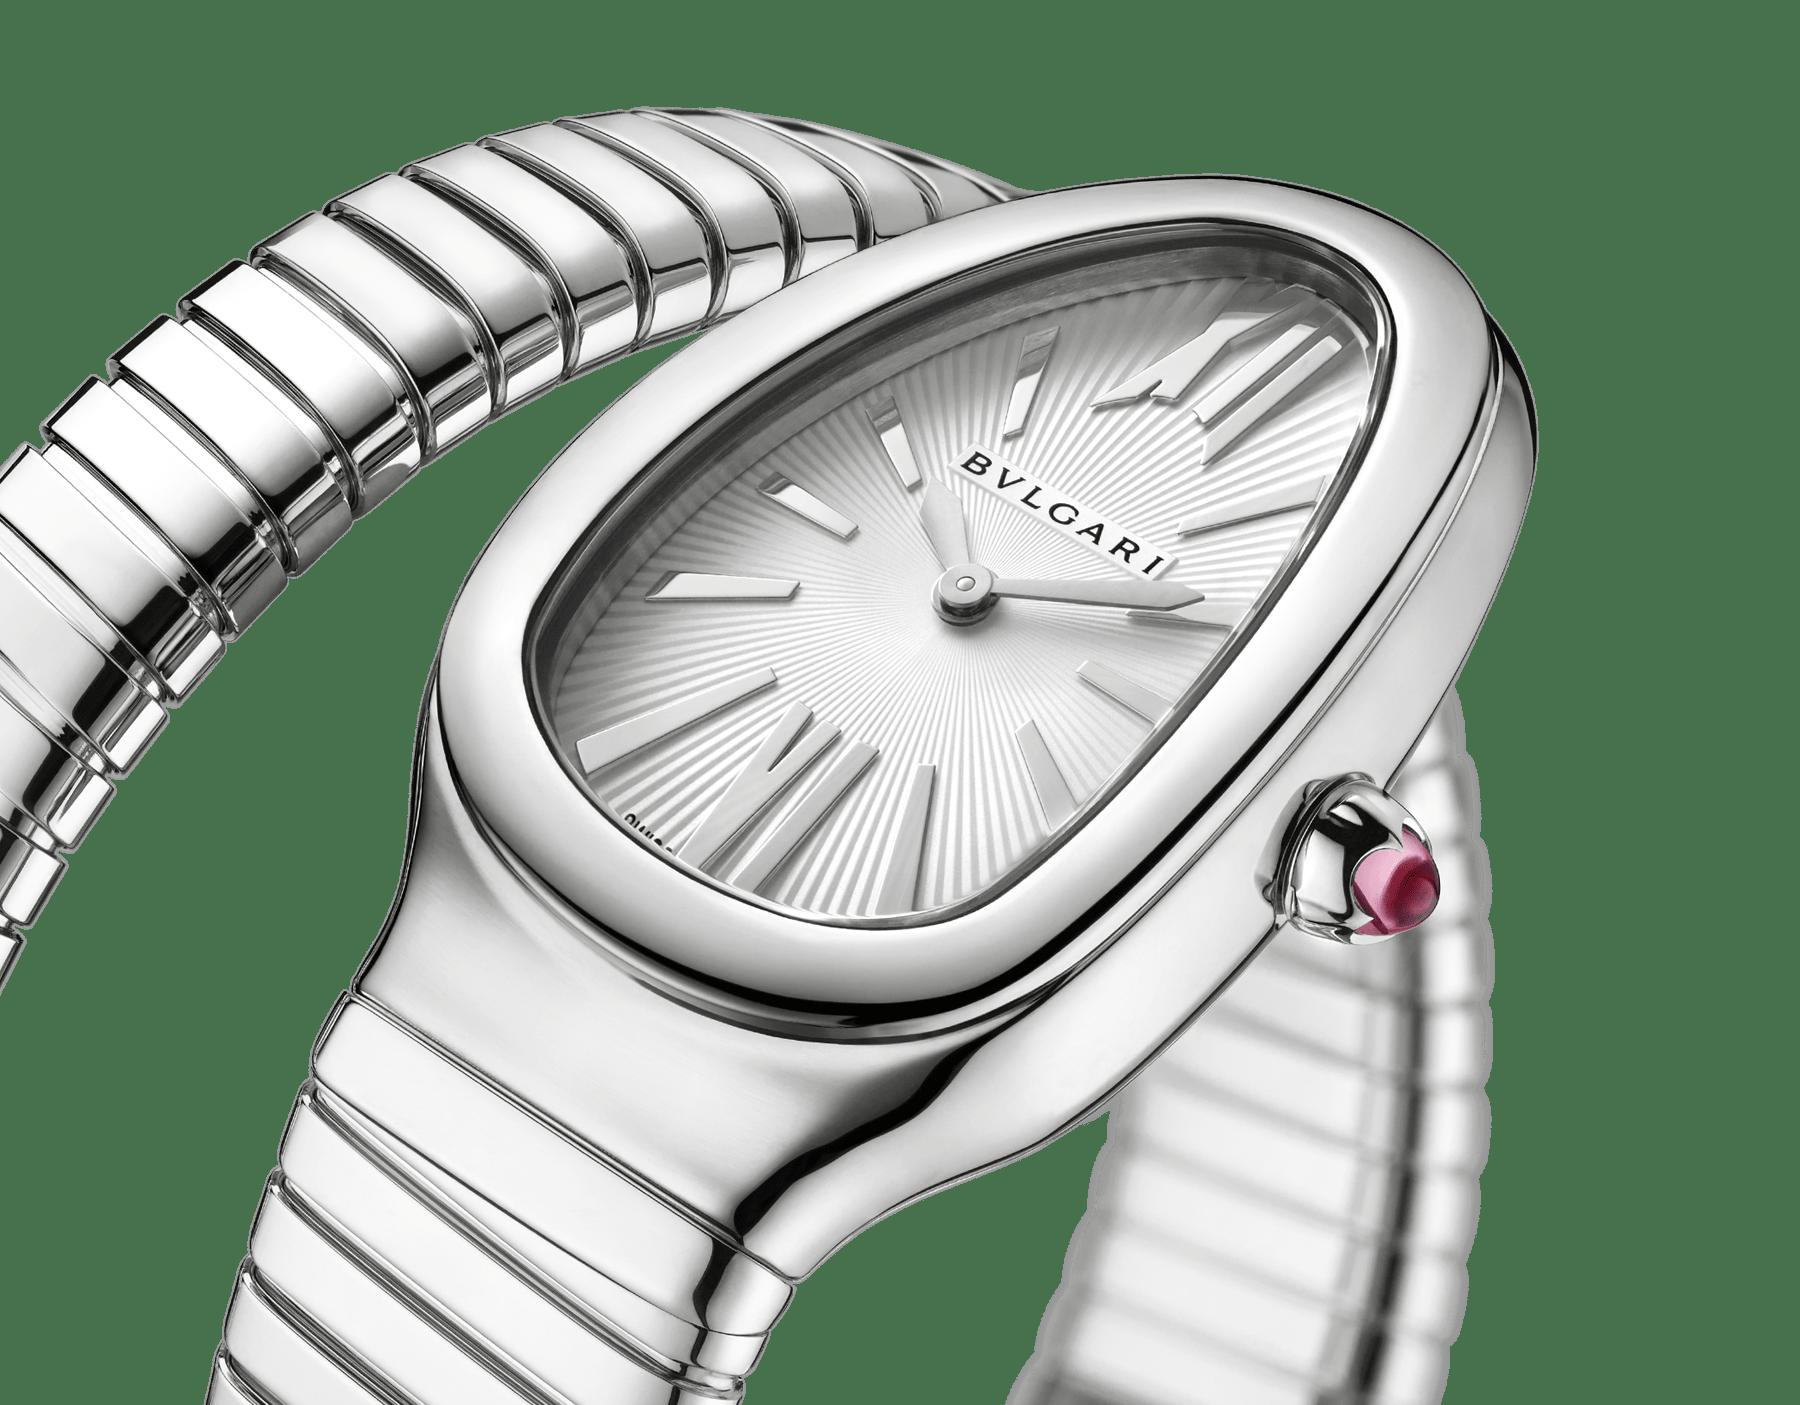 Relógio Serpenti Tubogas de uma volta com caixa e pulseira em aço inoxidável e mostrador de opalina prateada. Tamanho grande. SrpntTubogas-white-dial1 image 3